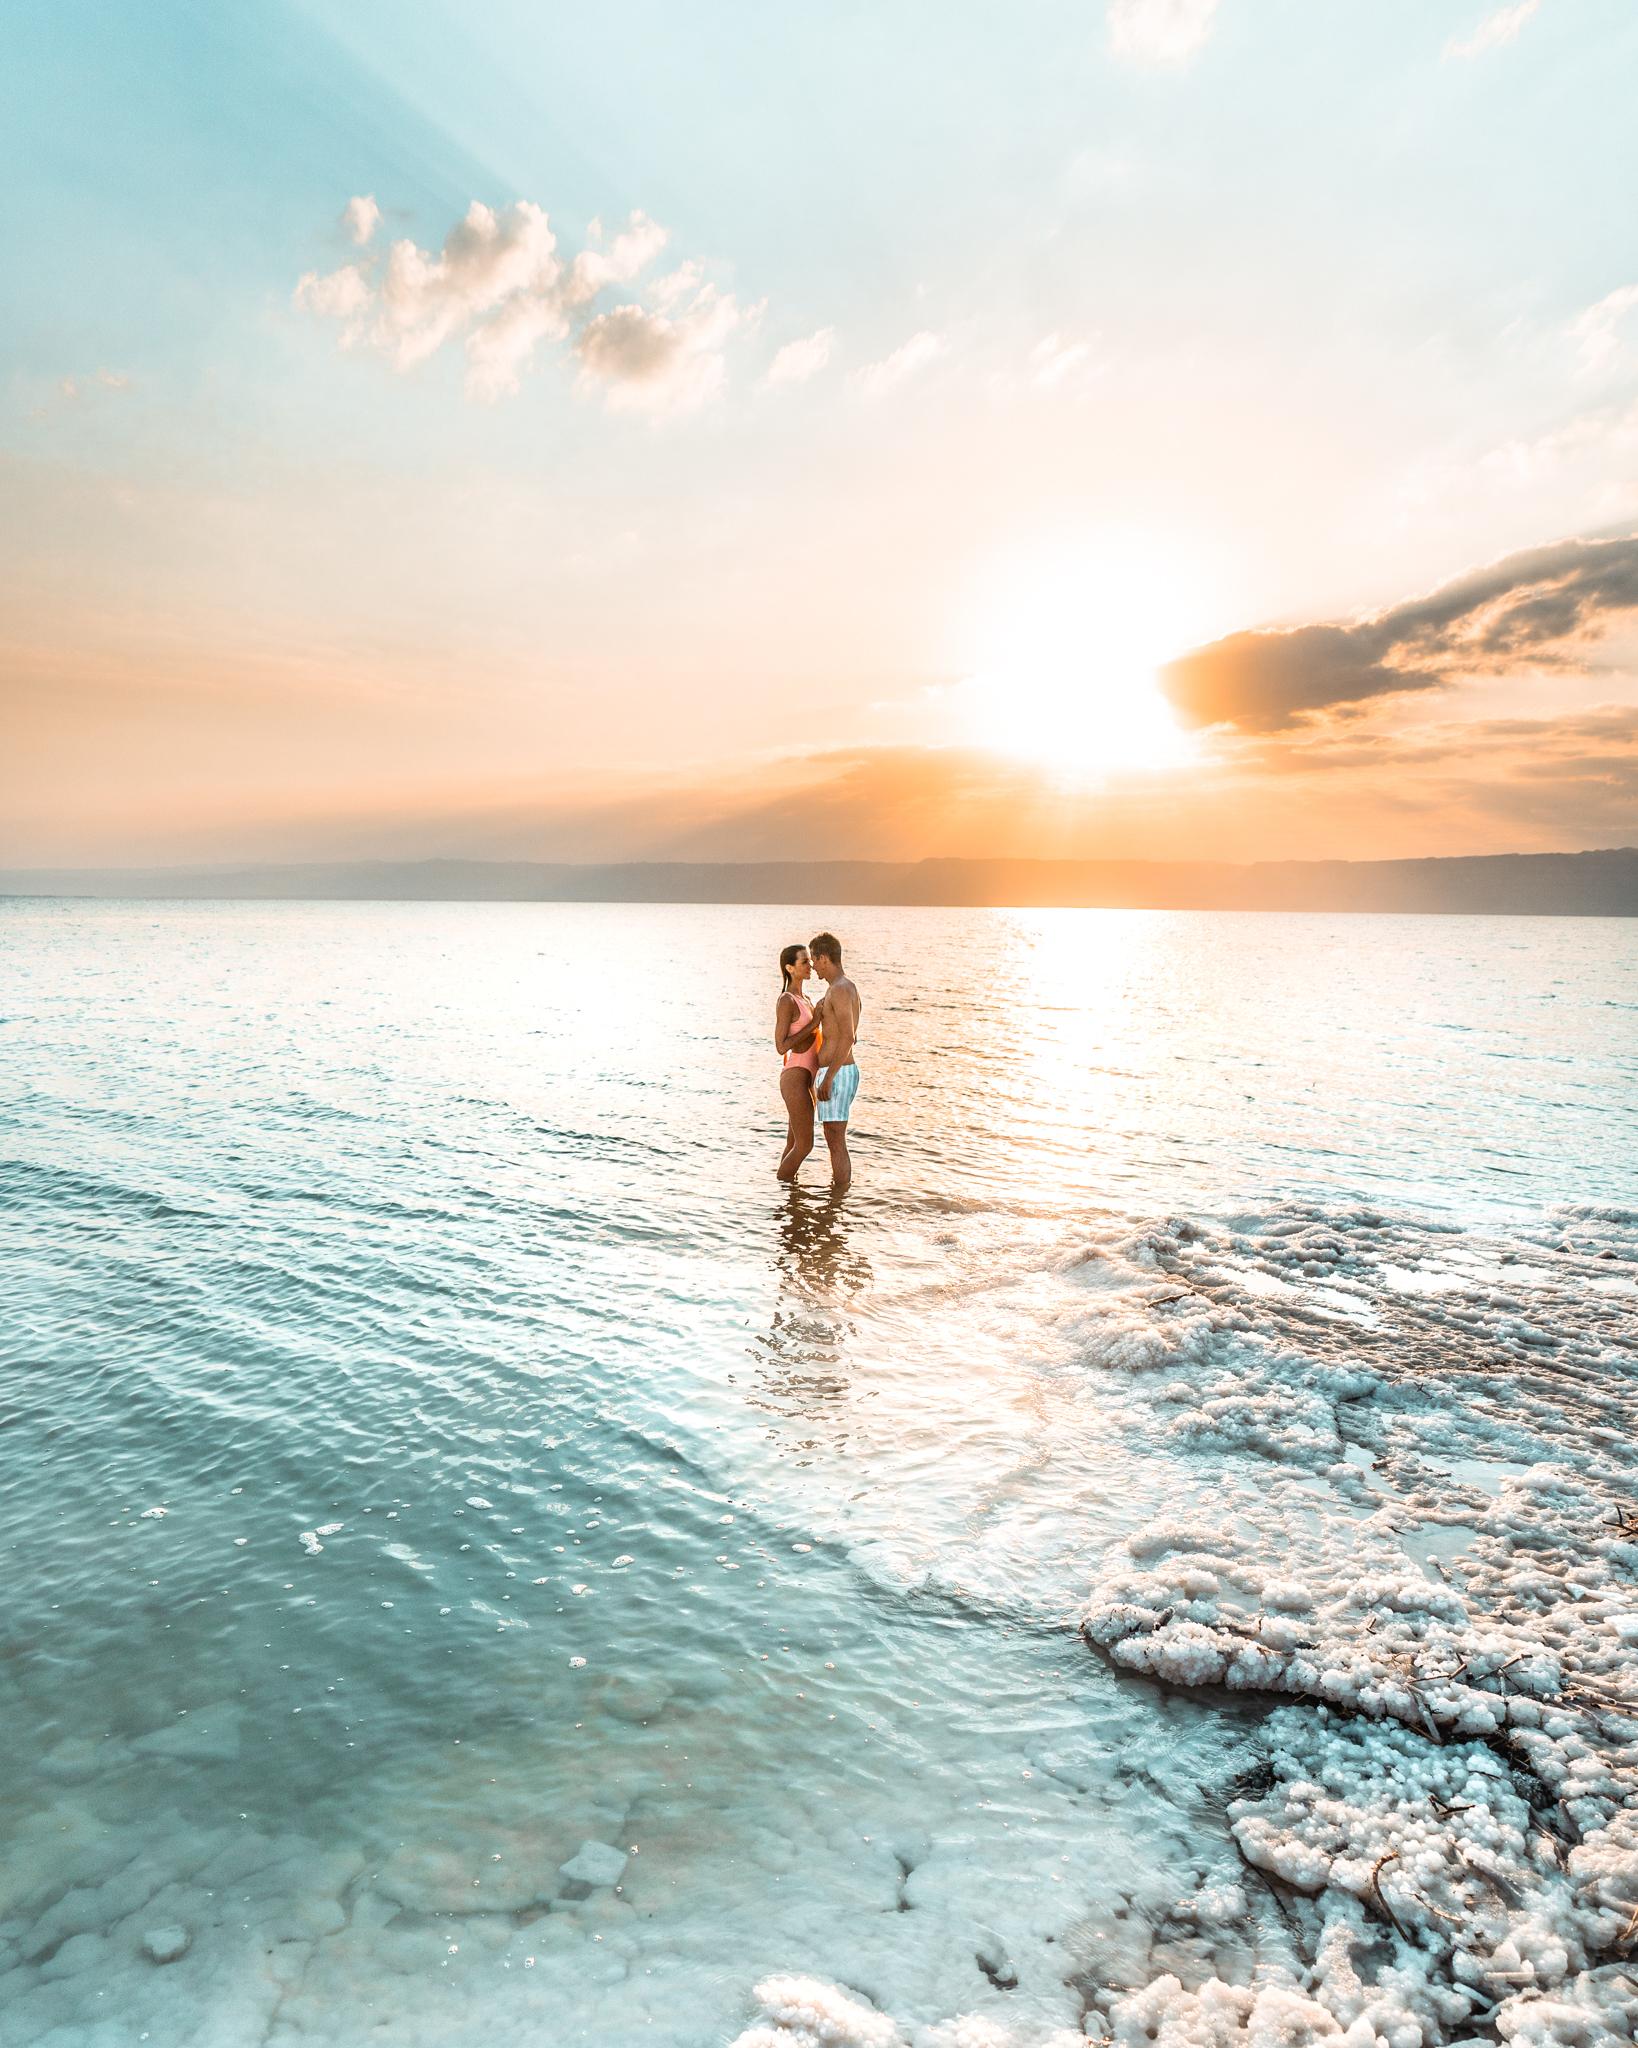 Auf dem Blog der Hochzeitsplanerin Lisa aus Berlin findet ihr traumhafte Destinationen für eure Honeymoon-Reise! Schaut euch ein wenig um und findet auch eure Traumreise!